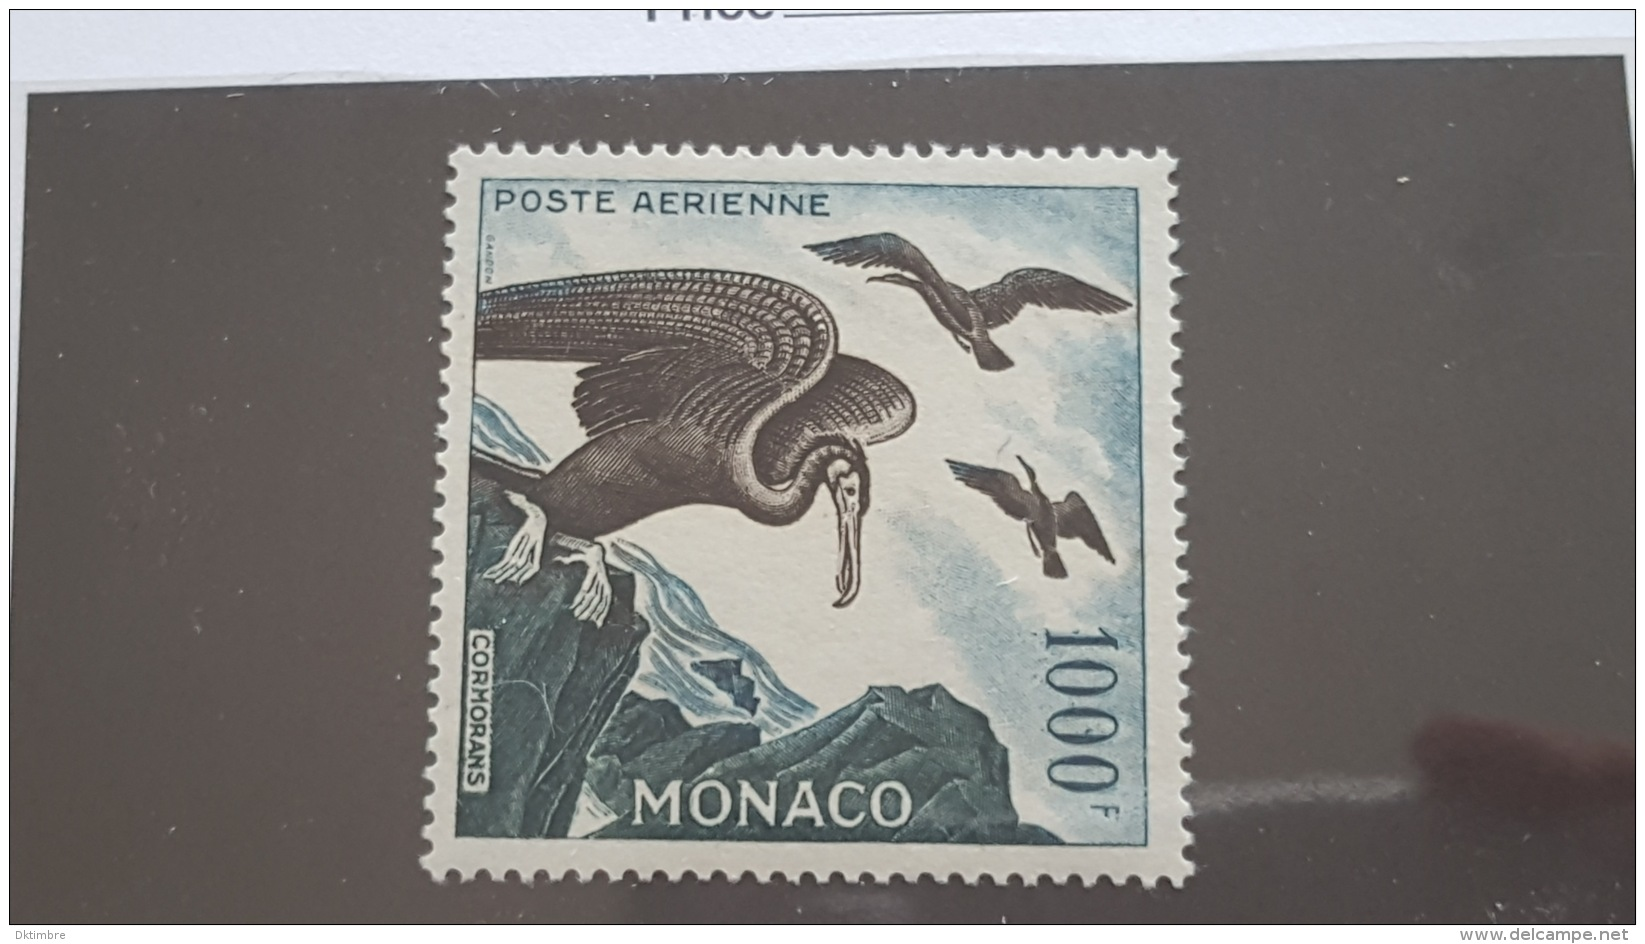 LOT 362737 TIMBRE DE MONACO NEUF** N°68 VALEUR 130 EUROS DEPART A 1€ - Poste Aérienne